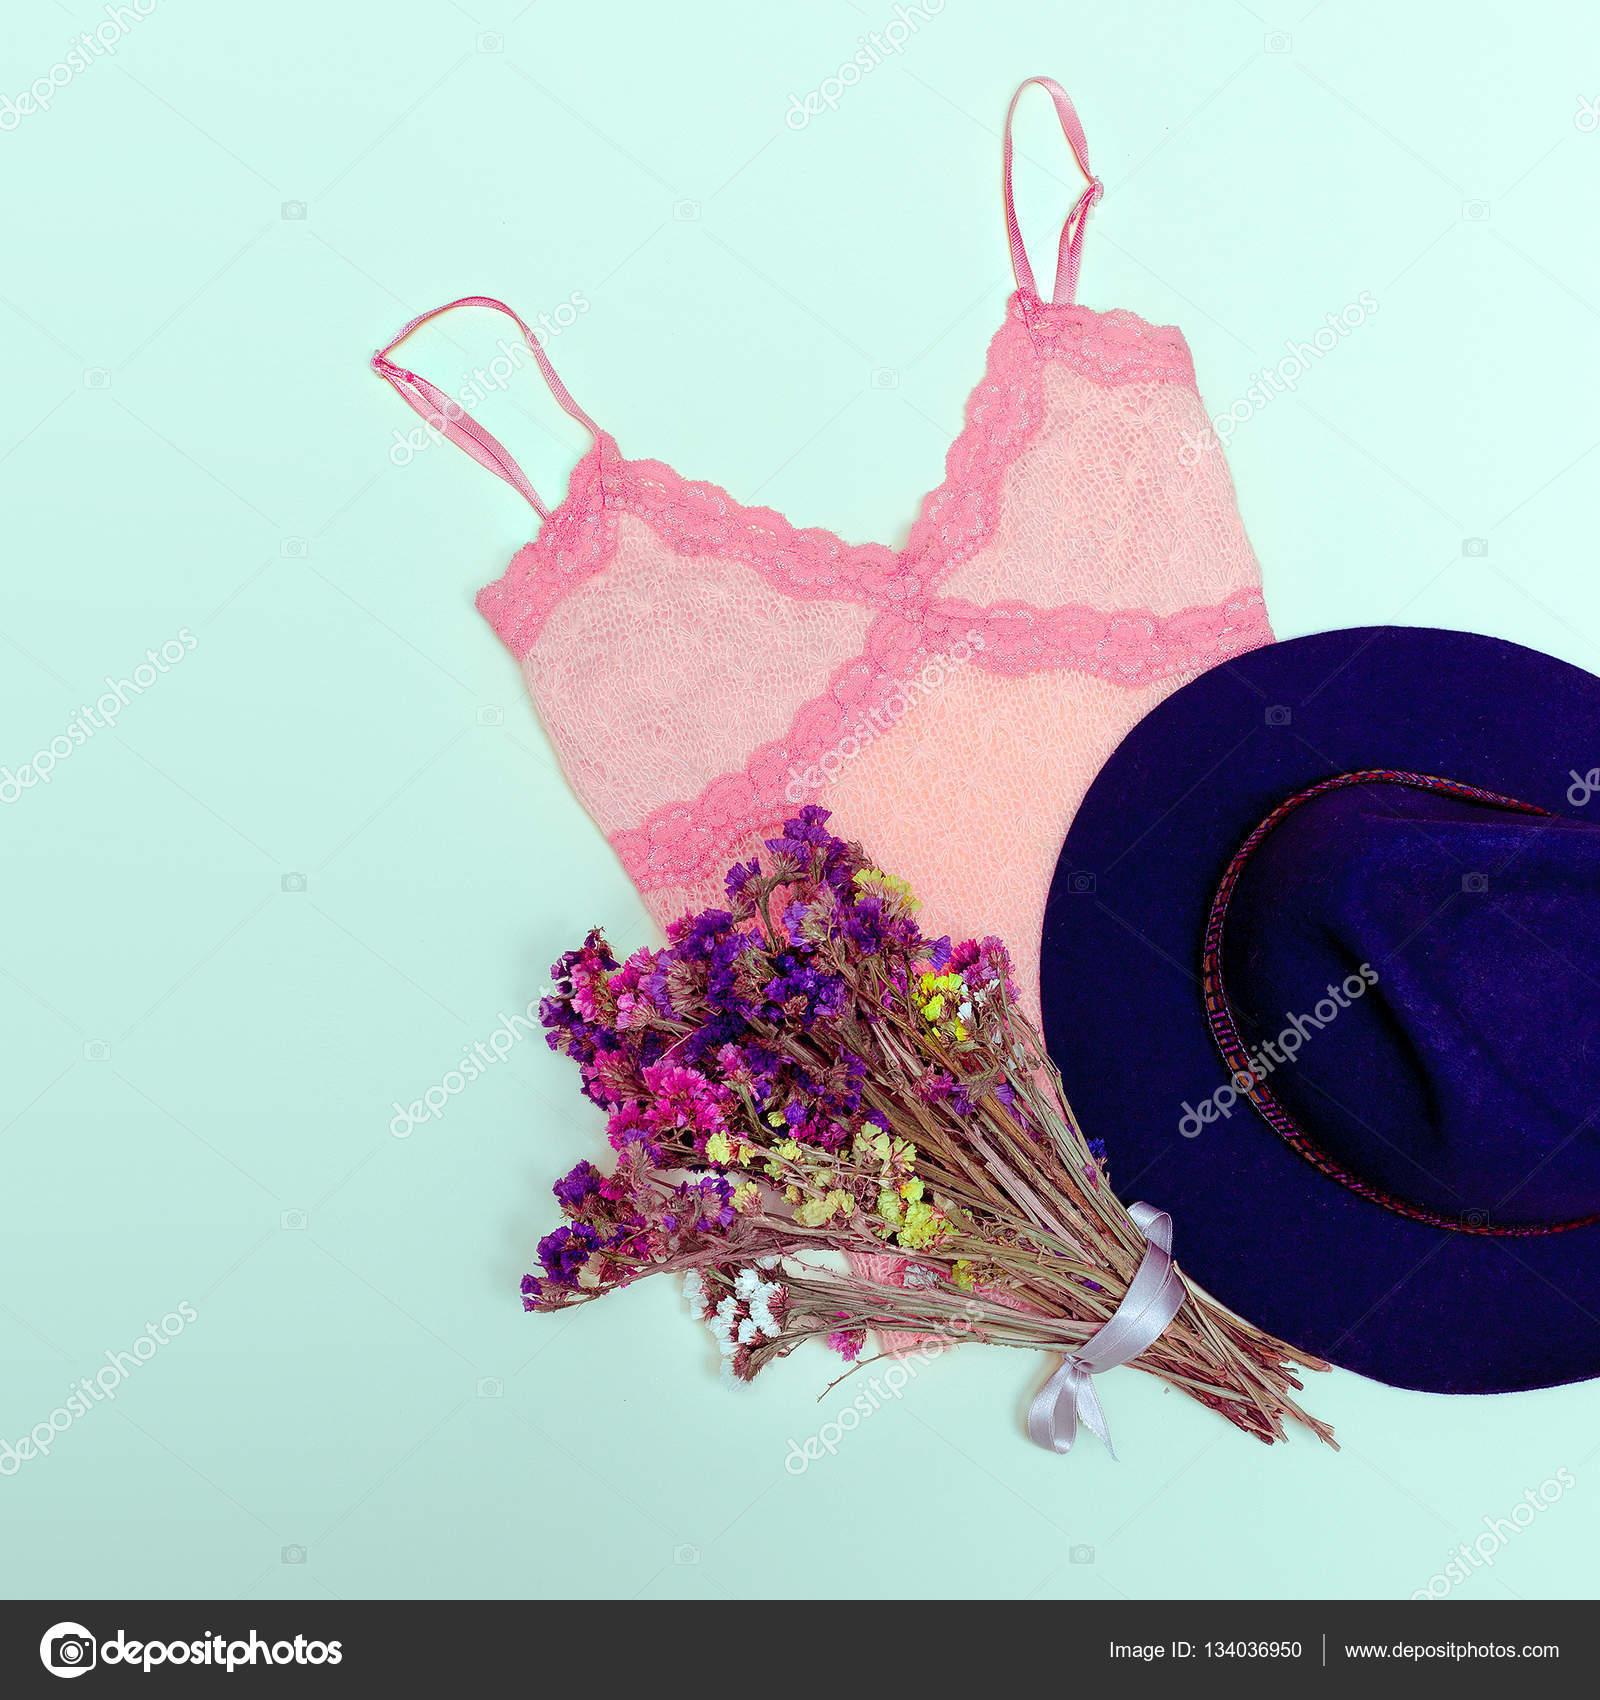 0ebcec3013a Vintage καλοκαίρι ρούχο τζιν σορτς ροζ κορυφή καπέλο ευτυχισμένη ...